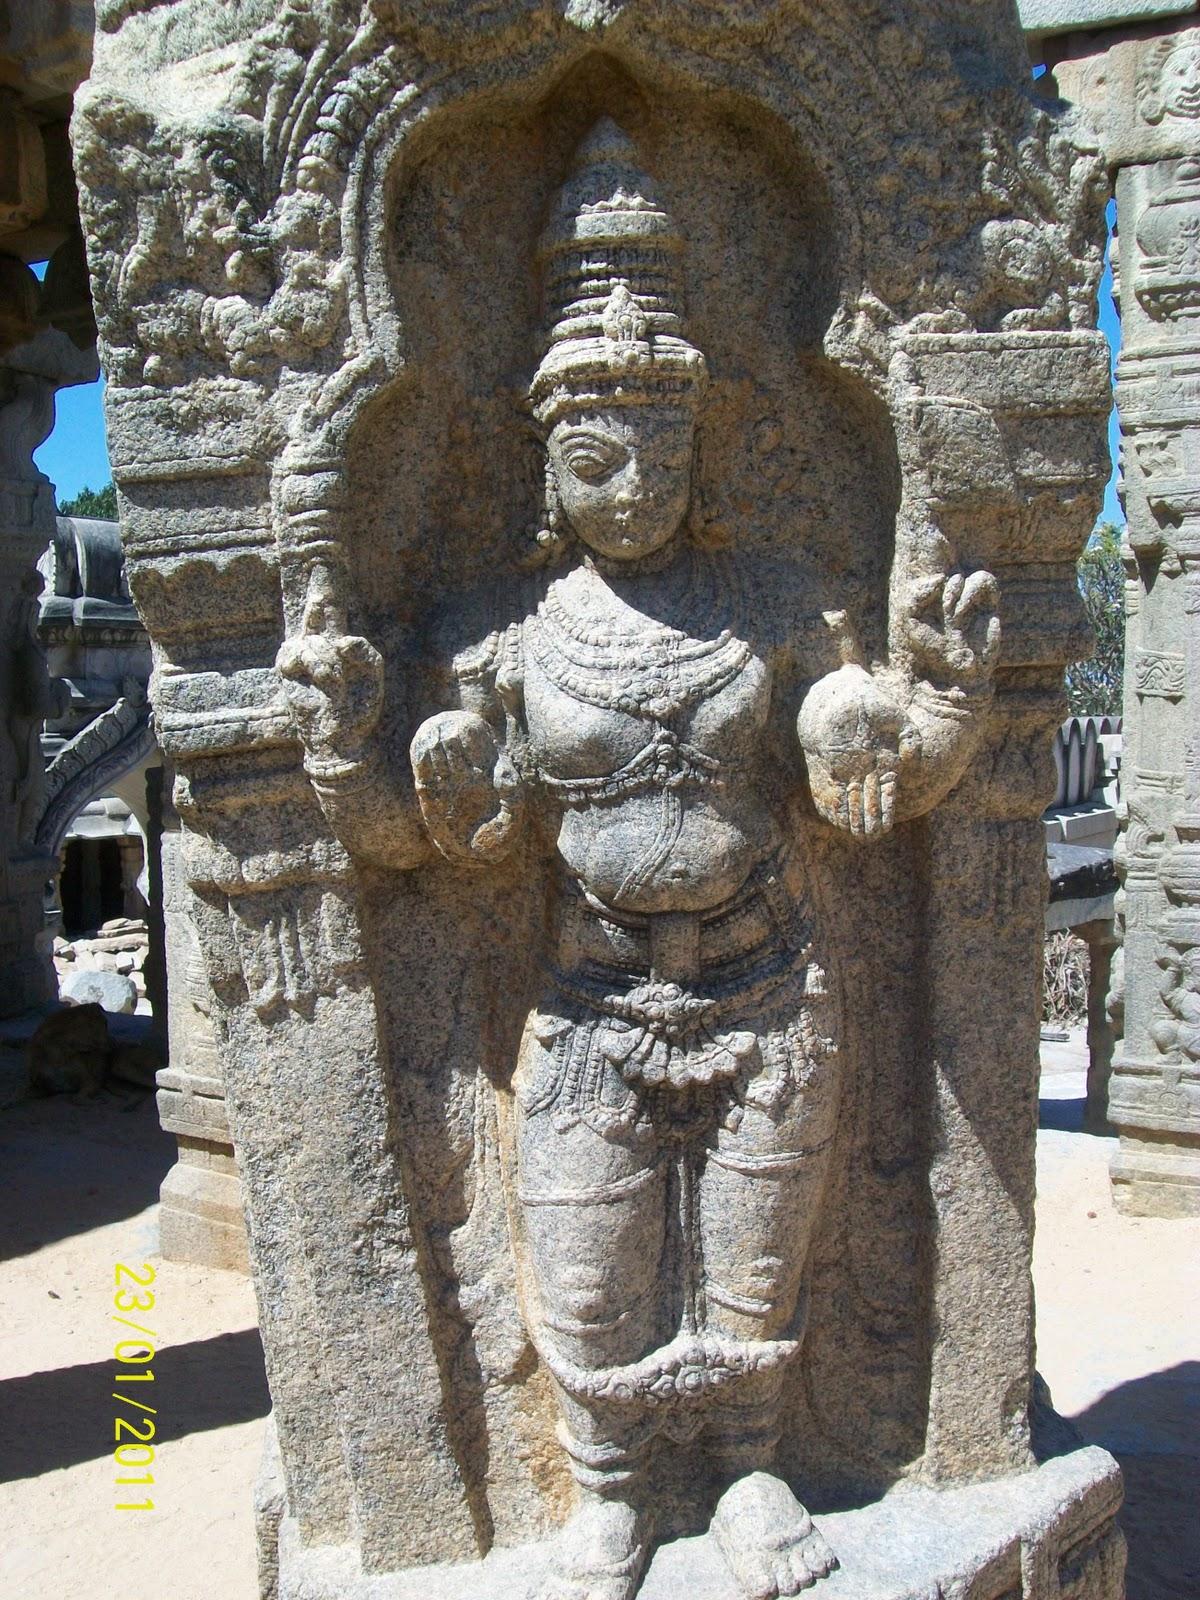 Arun n Rashmi's Travel Log: Lepakshi